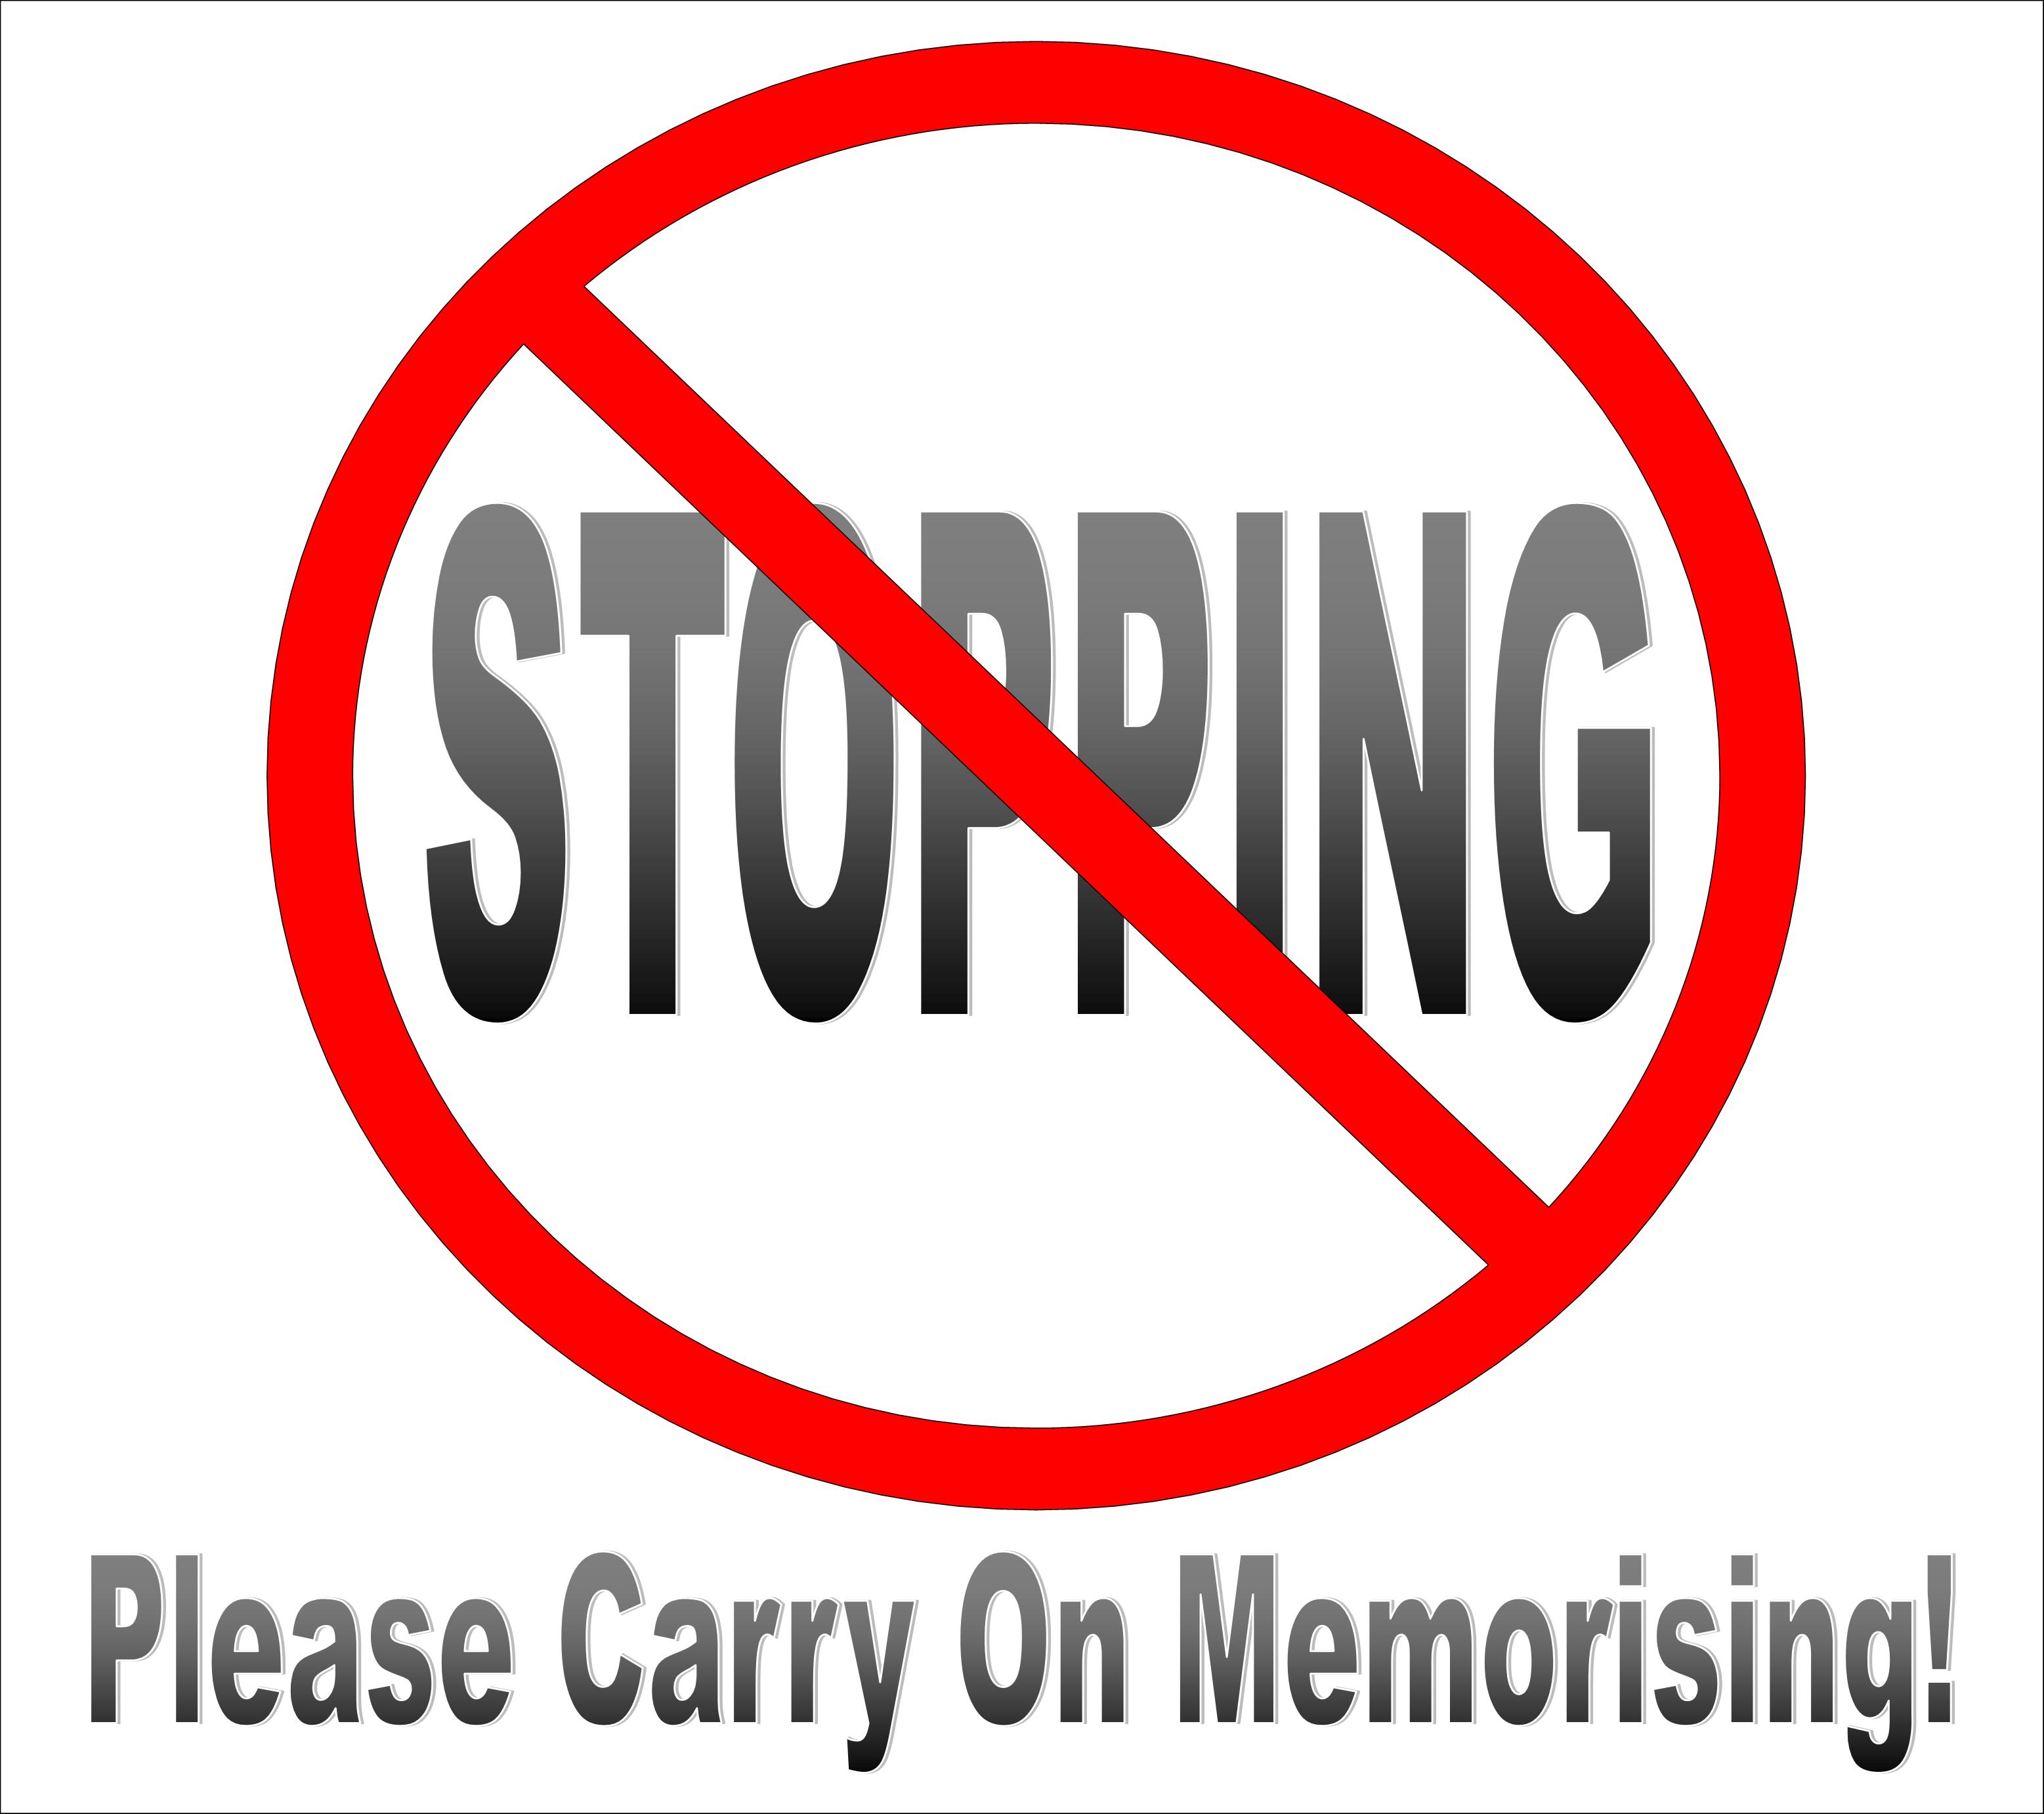 memorised